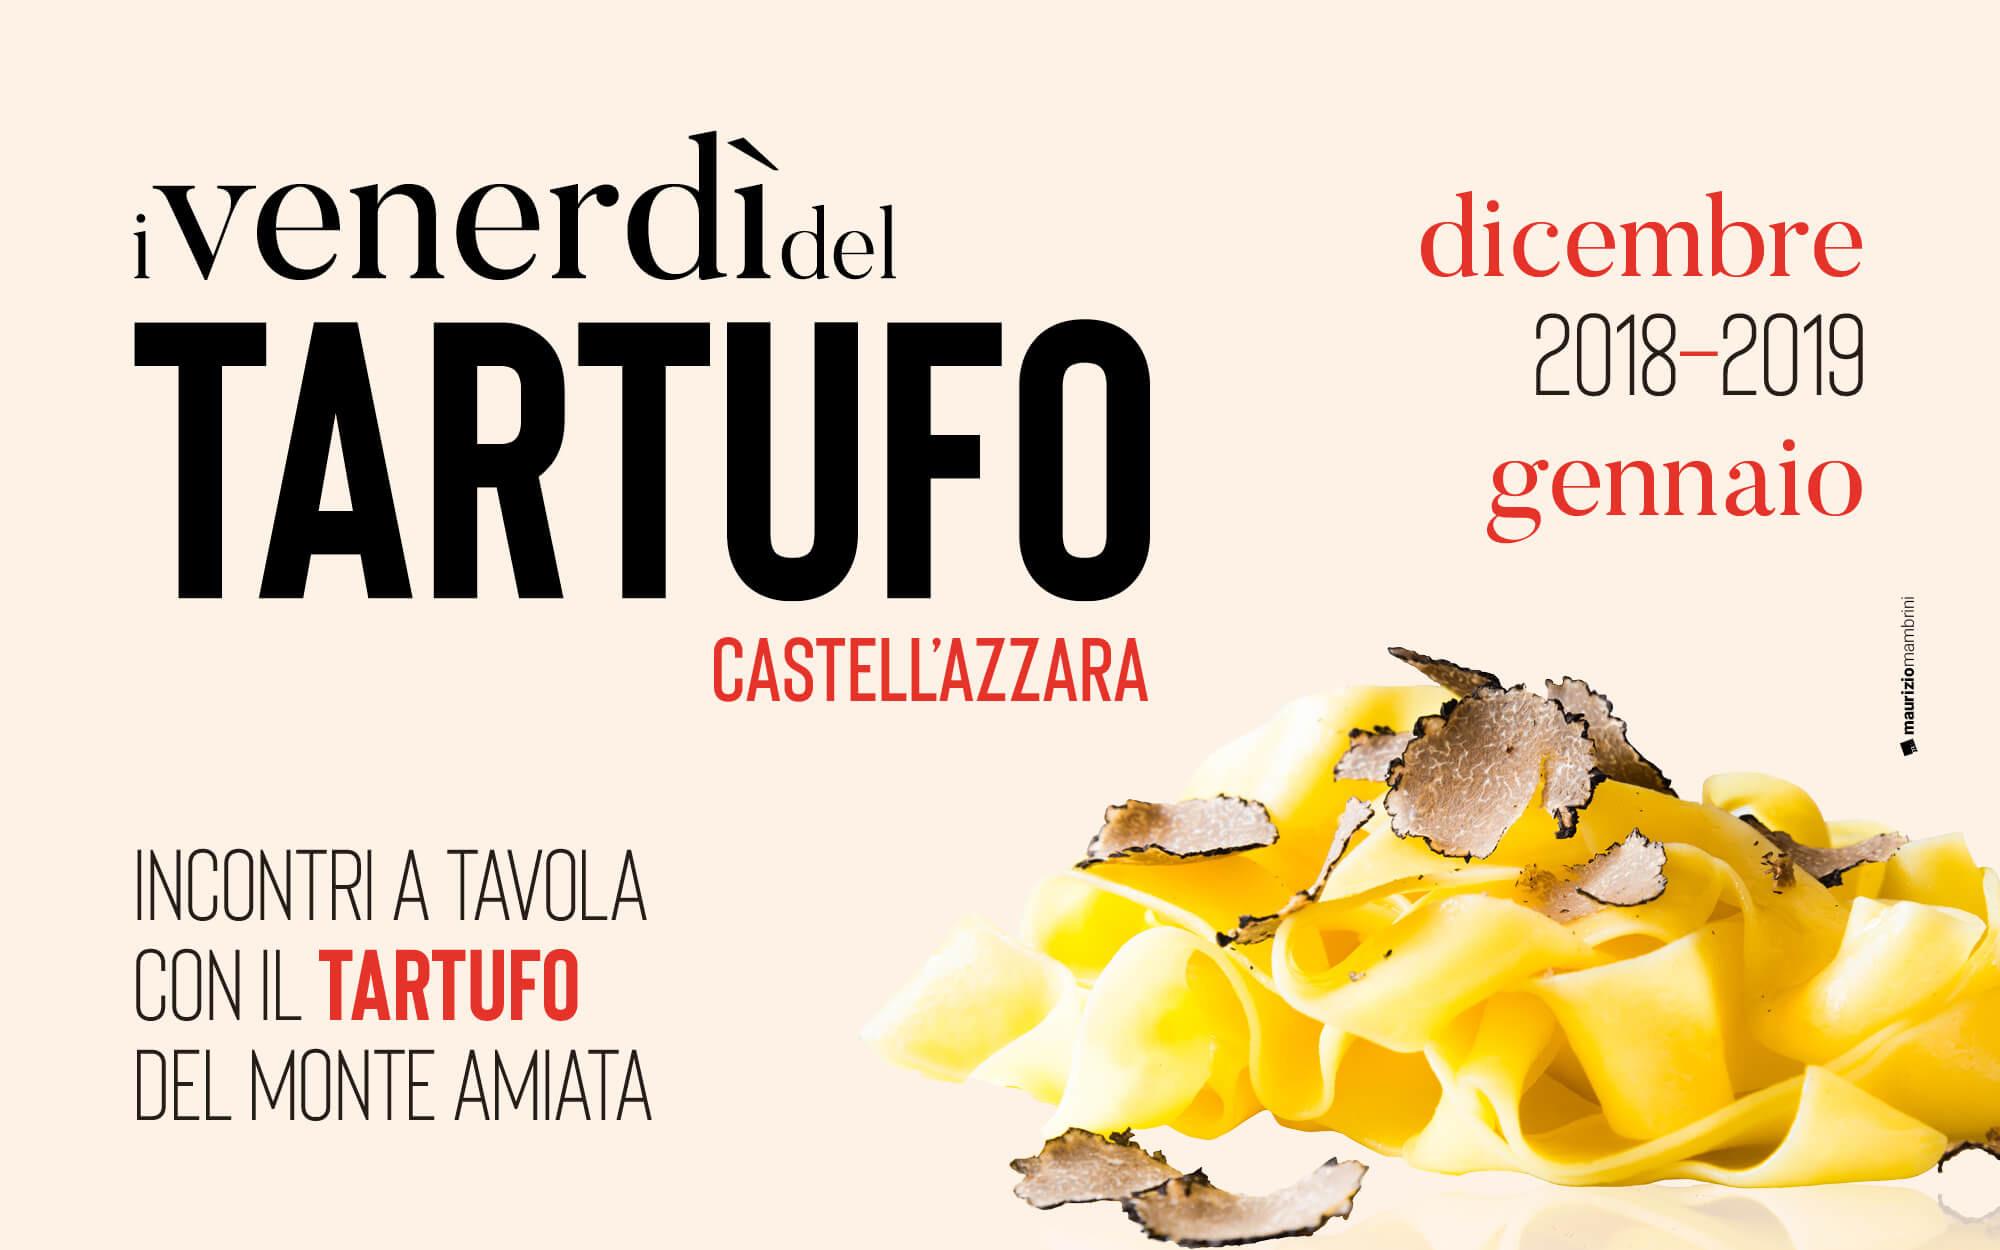 Tartufai Amiata, Venerdì del tartufo